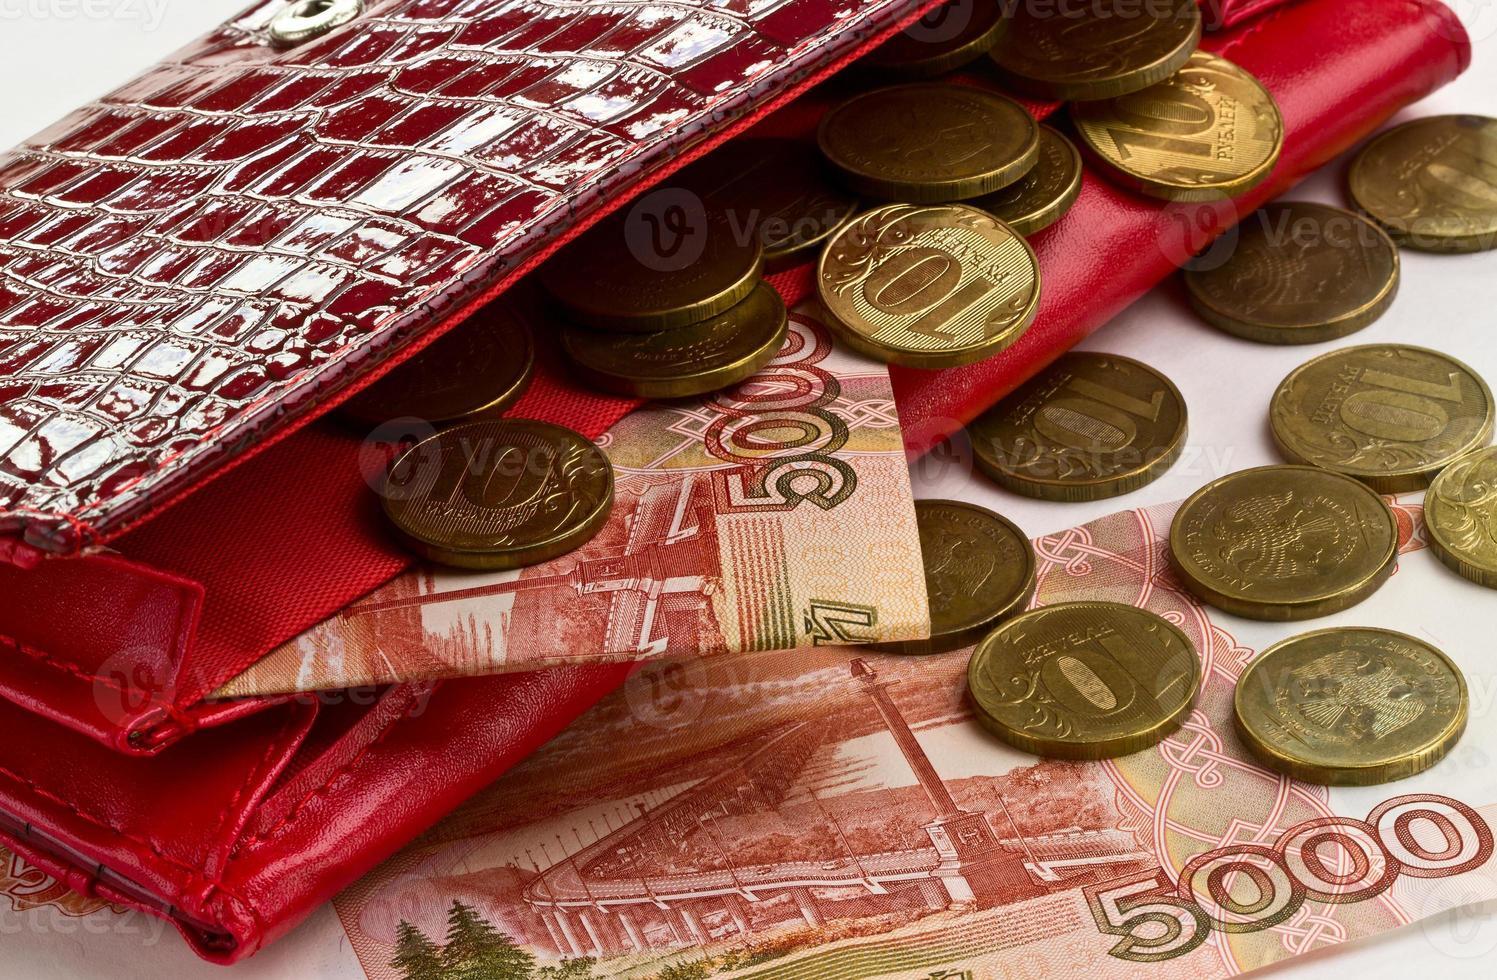 dinero en un bolso rojo foto